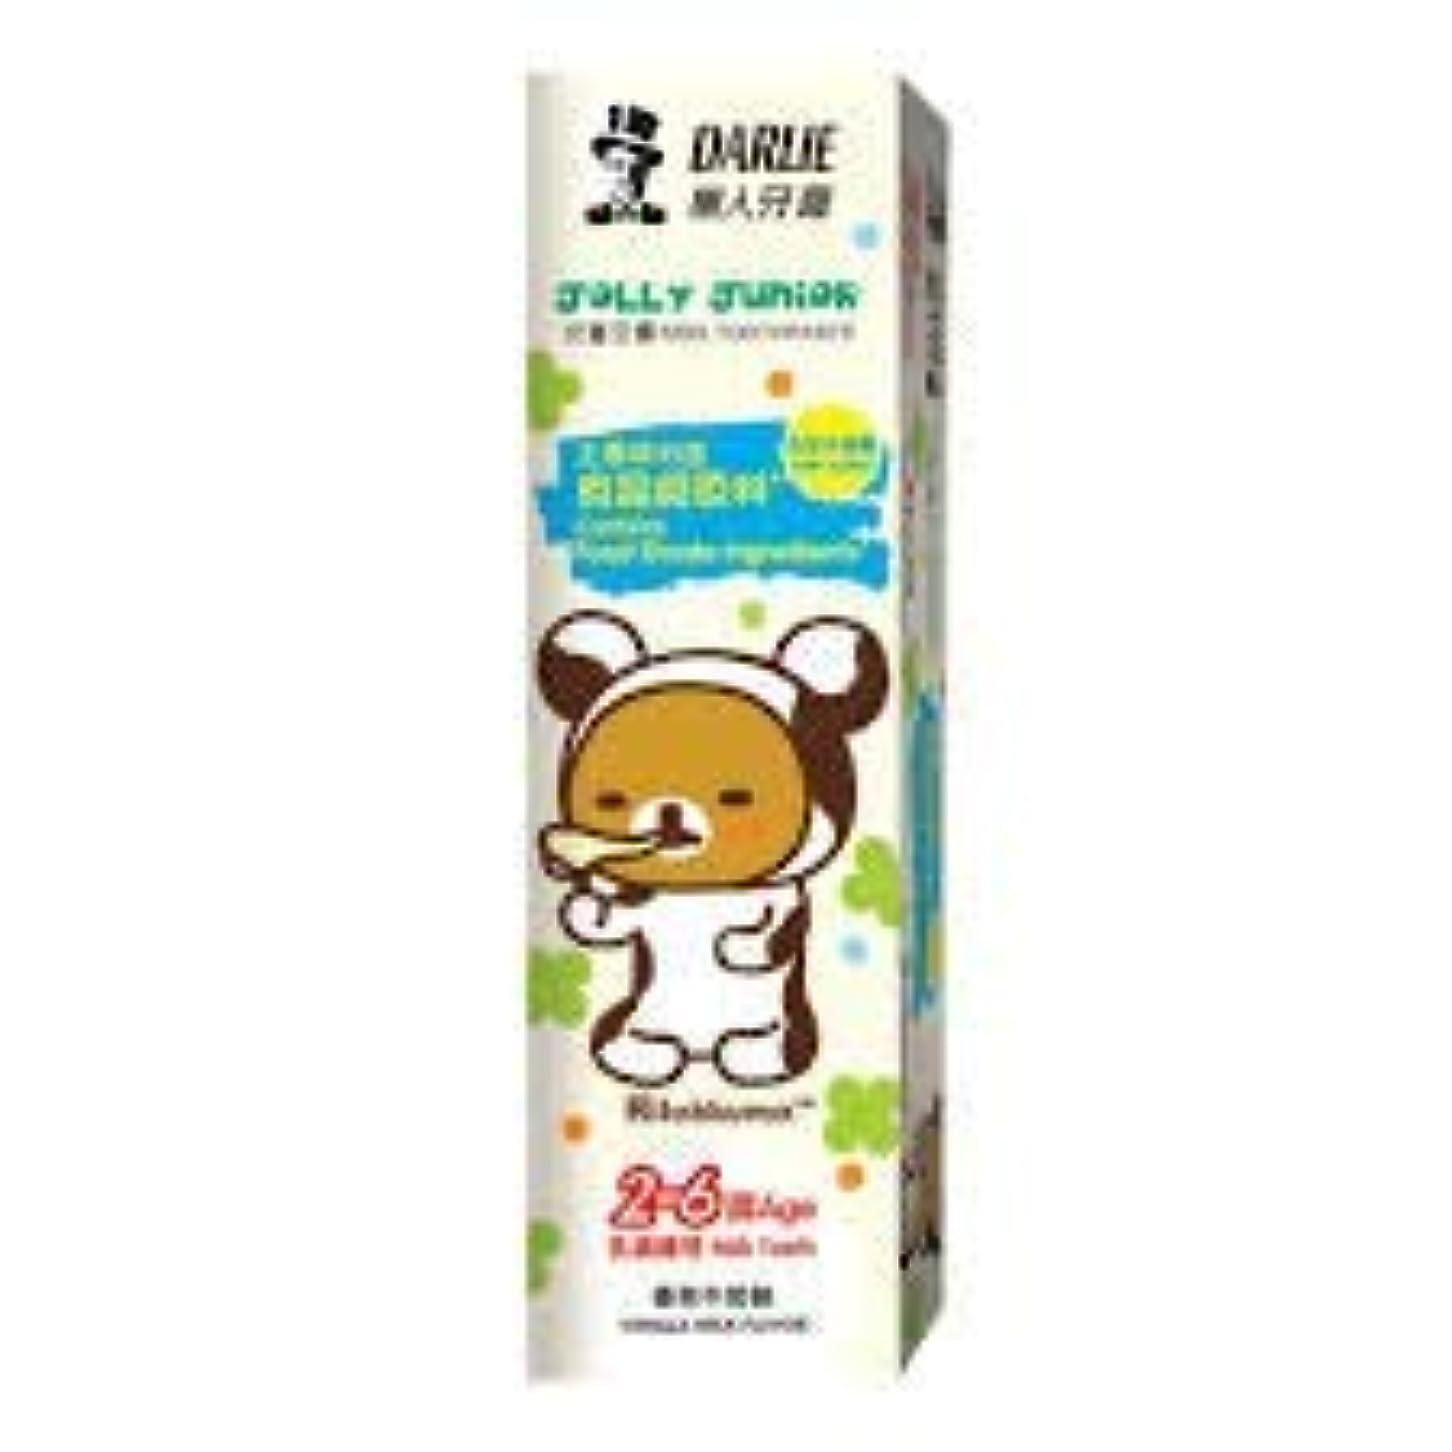 どきどき意外呼吸するDARLIE ハッピーティーンエイジャーの歯磨き粉2-6歳歯磨き粉60グラムバニラミルクは - 虫歯を防ぐためにキシリトールを含む、ミルクの歯と準備して子供たちに仕出し料理されます